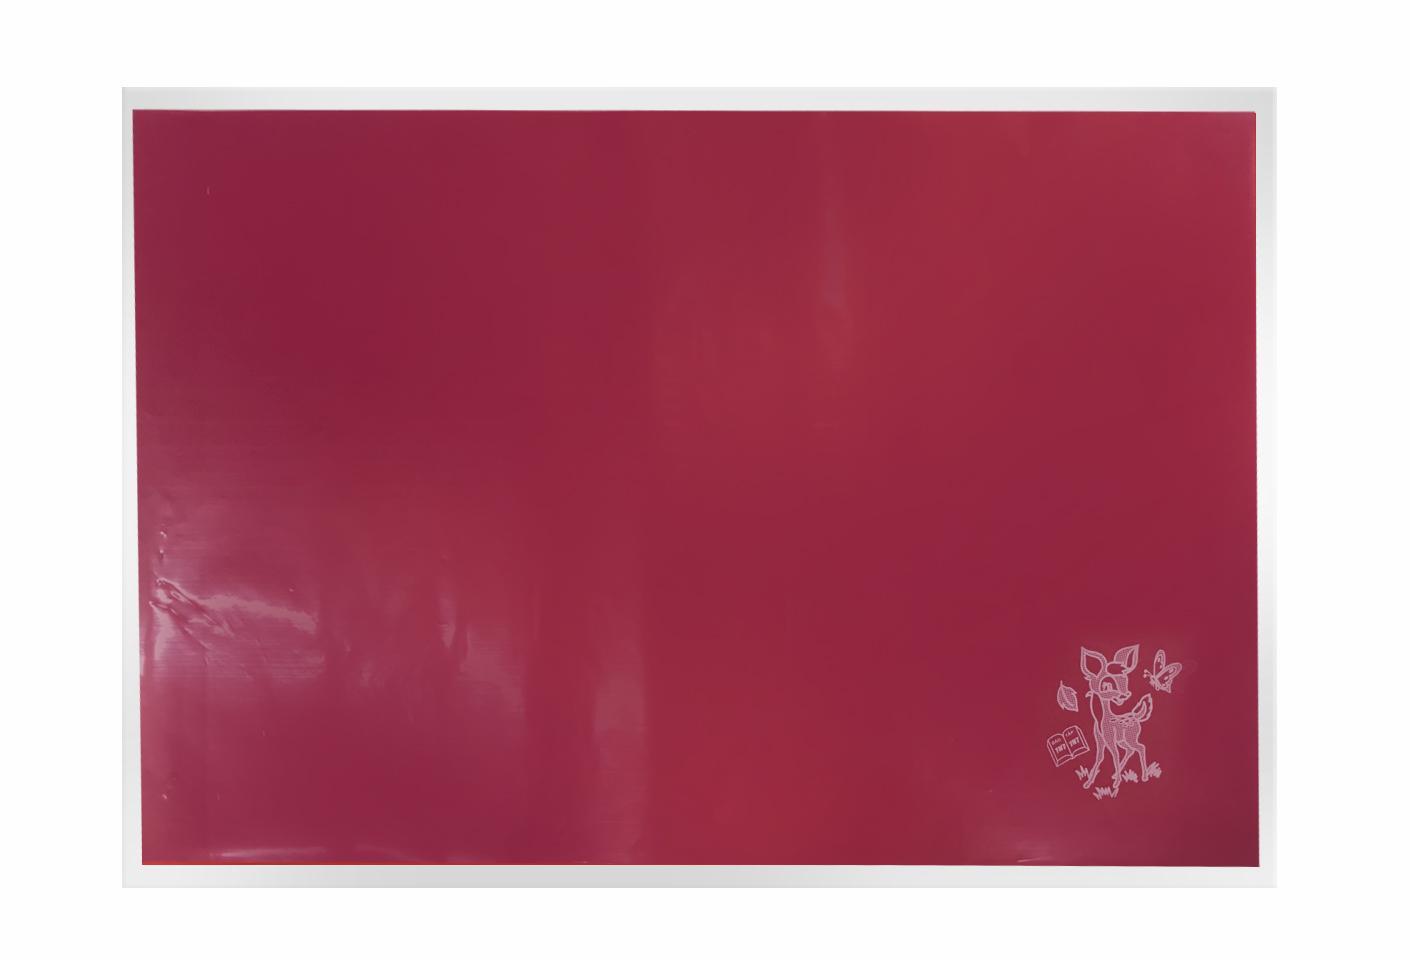 Mua Bao tập + Giấy màu Hồng TN (25 tờ/xấp)